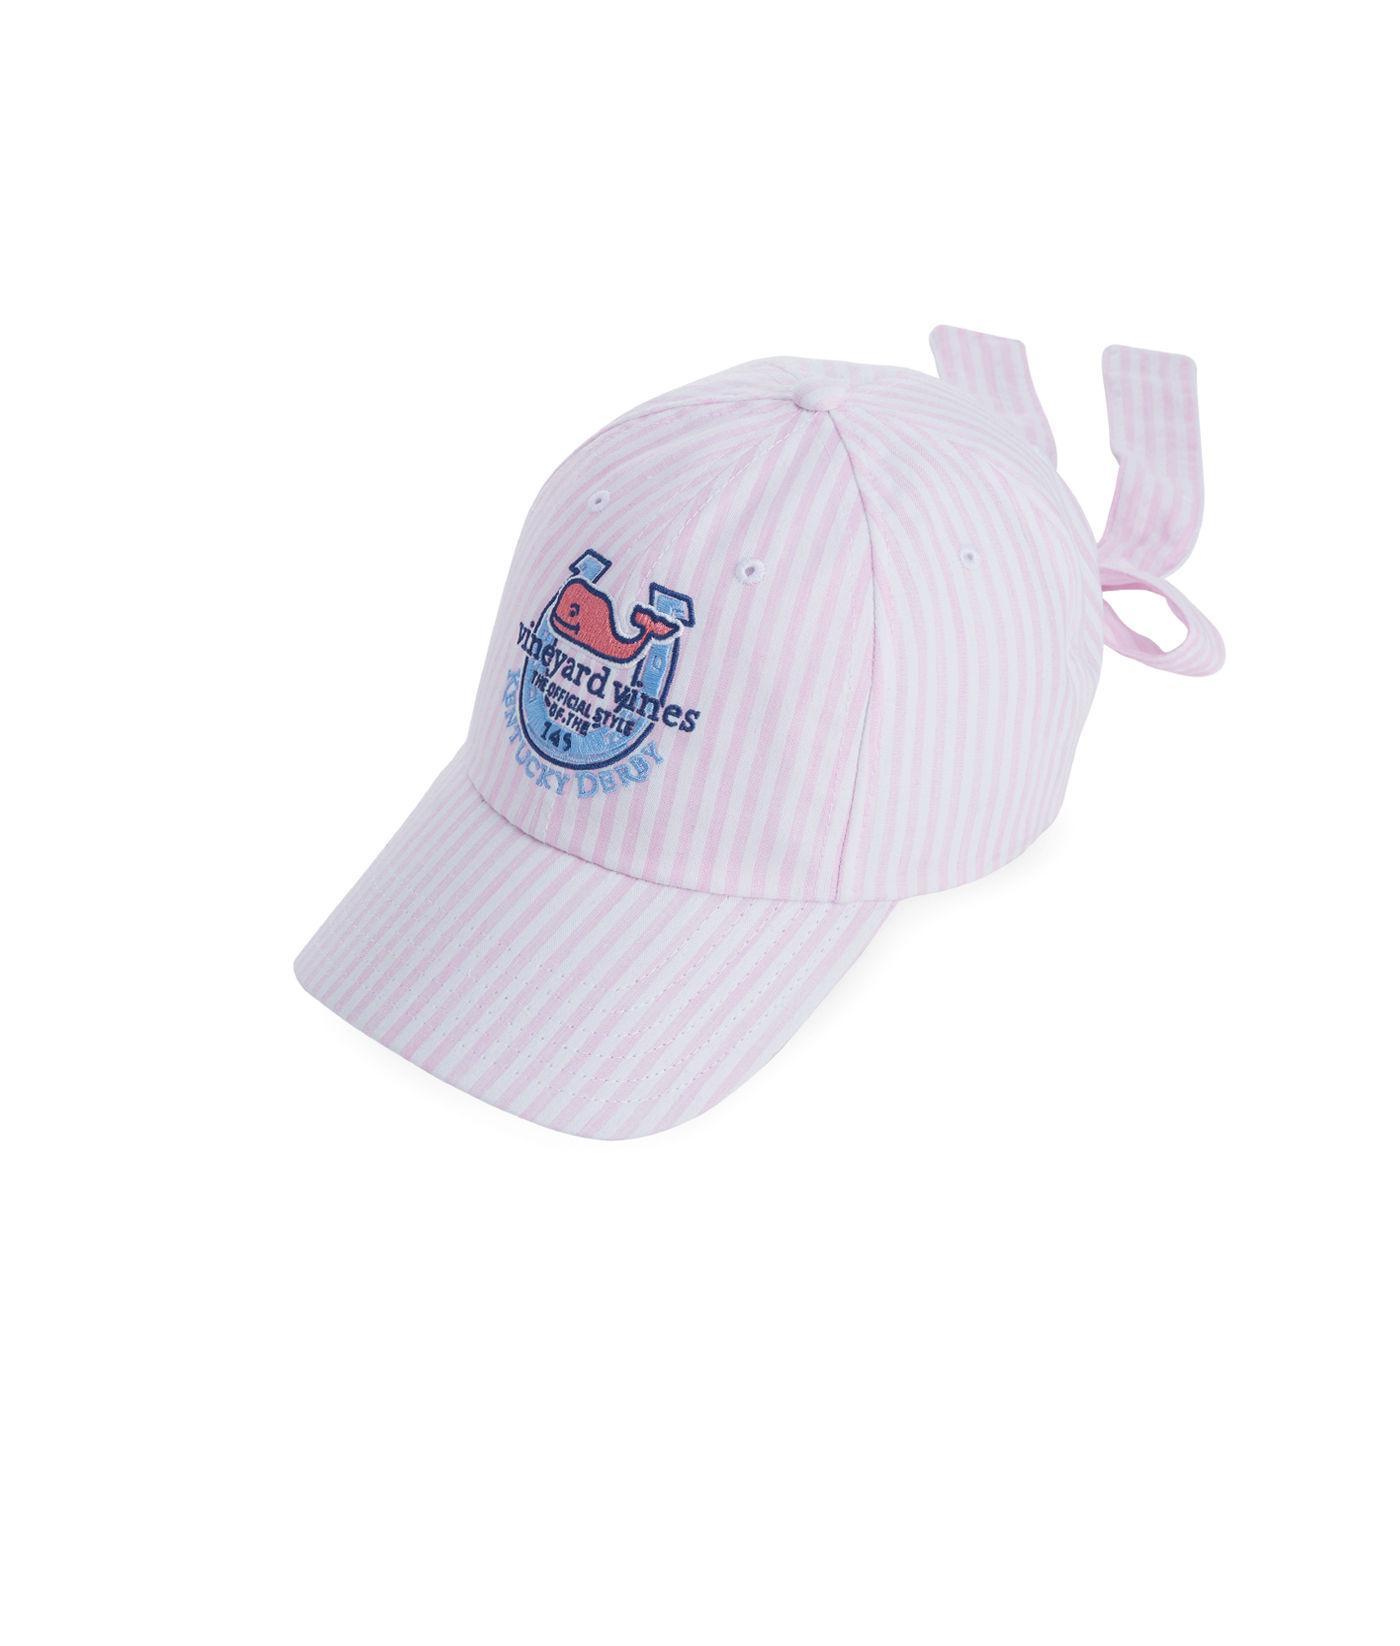 9bf81a1bb58aa Vineyard Vines Kentucky Derby Seersucker Bow Back Hat in Purple - Lyst